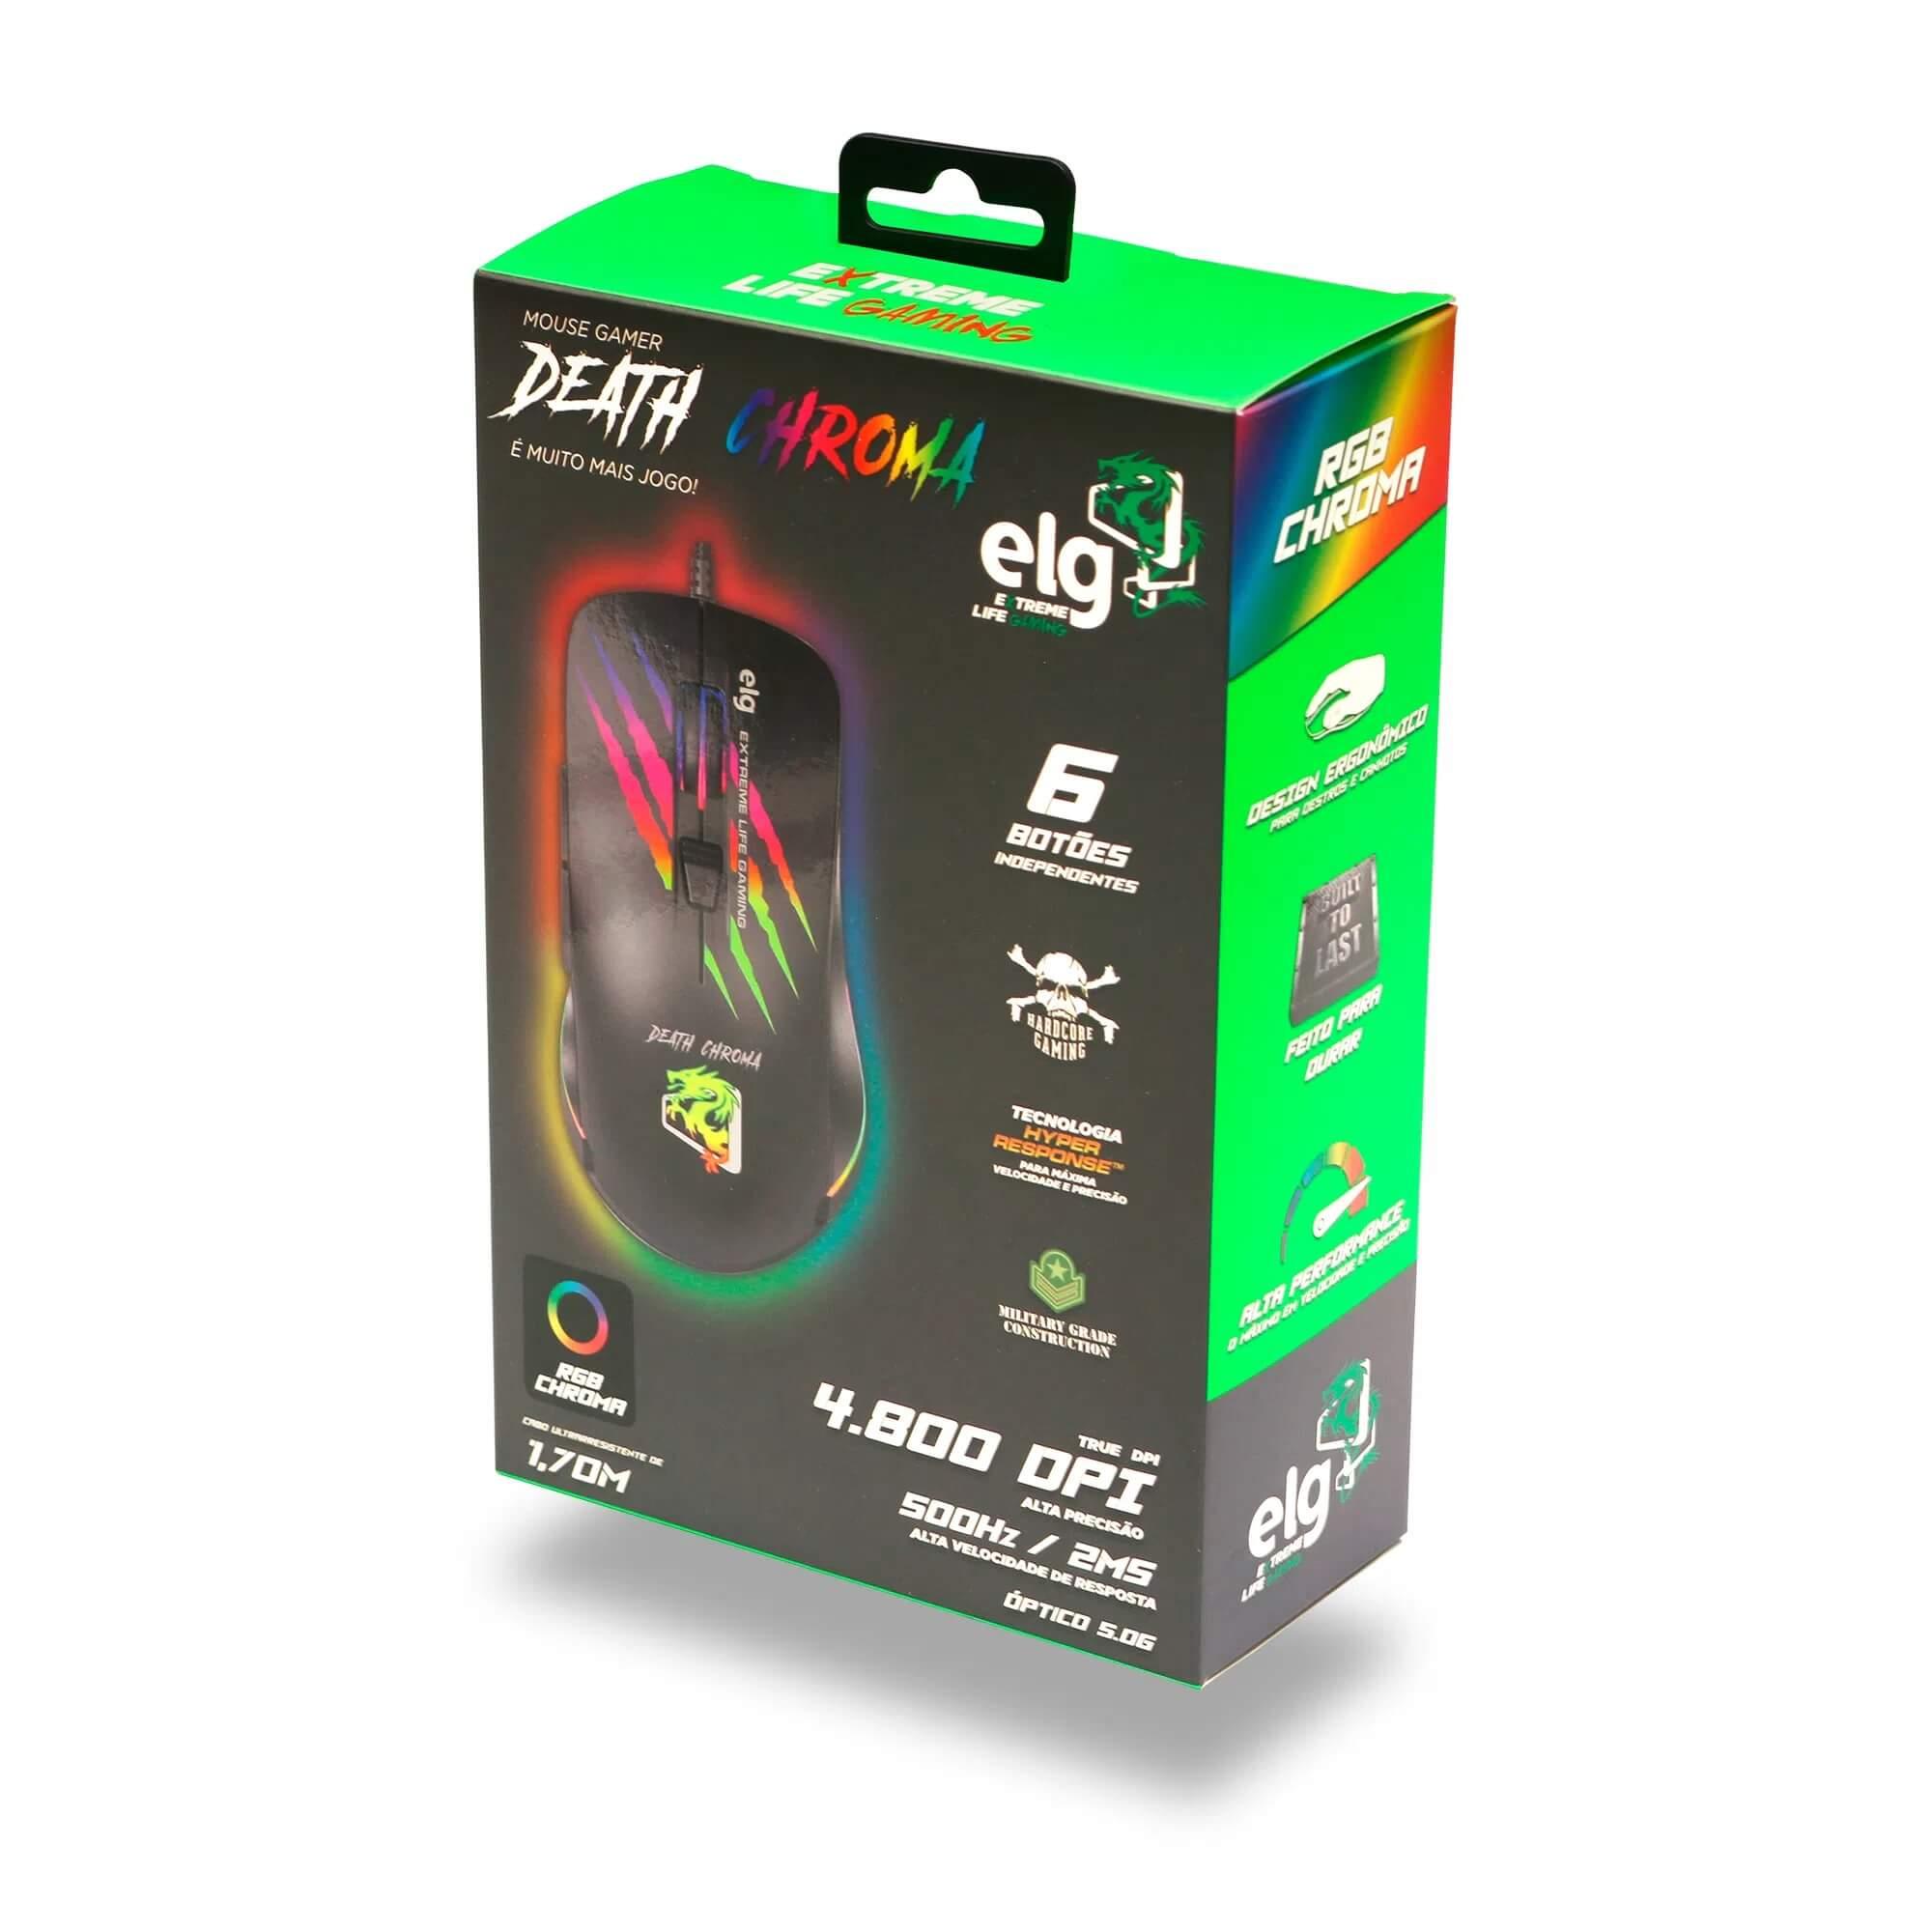 Mouse Gamer Death Chroma 4800DPI ELG MGDC